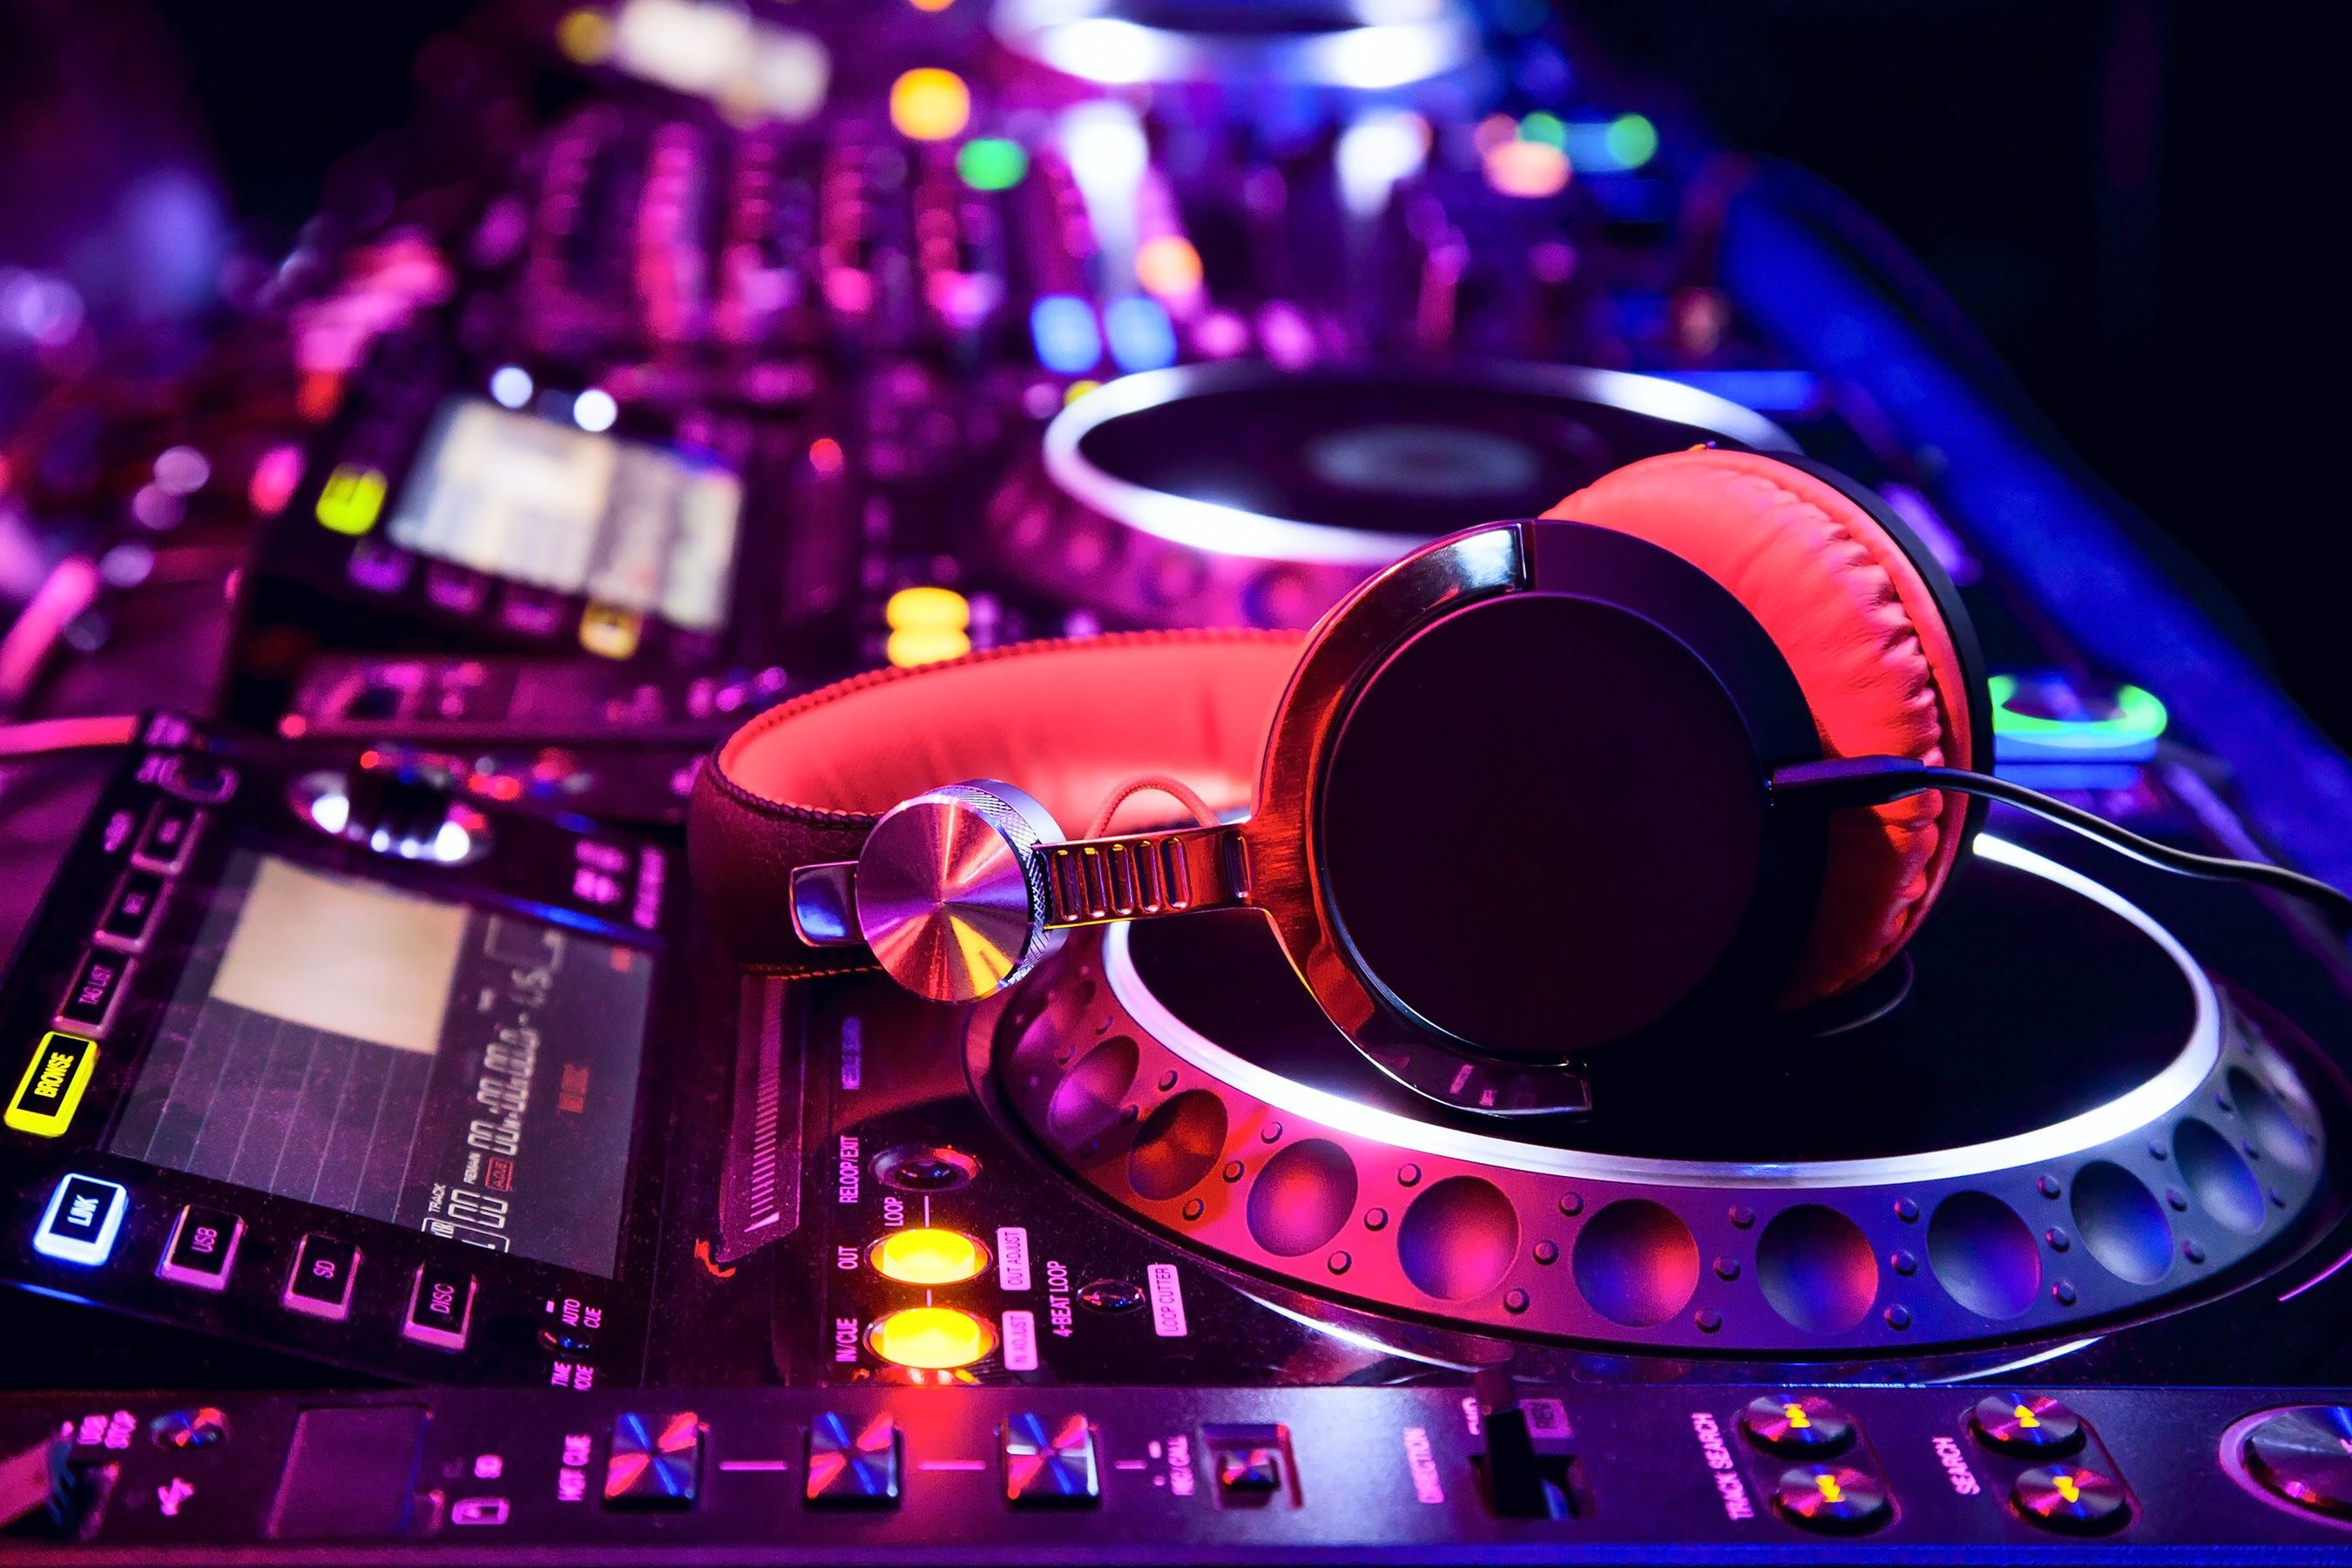 musica electronica - Buscar con Google